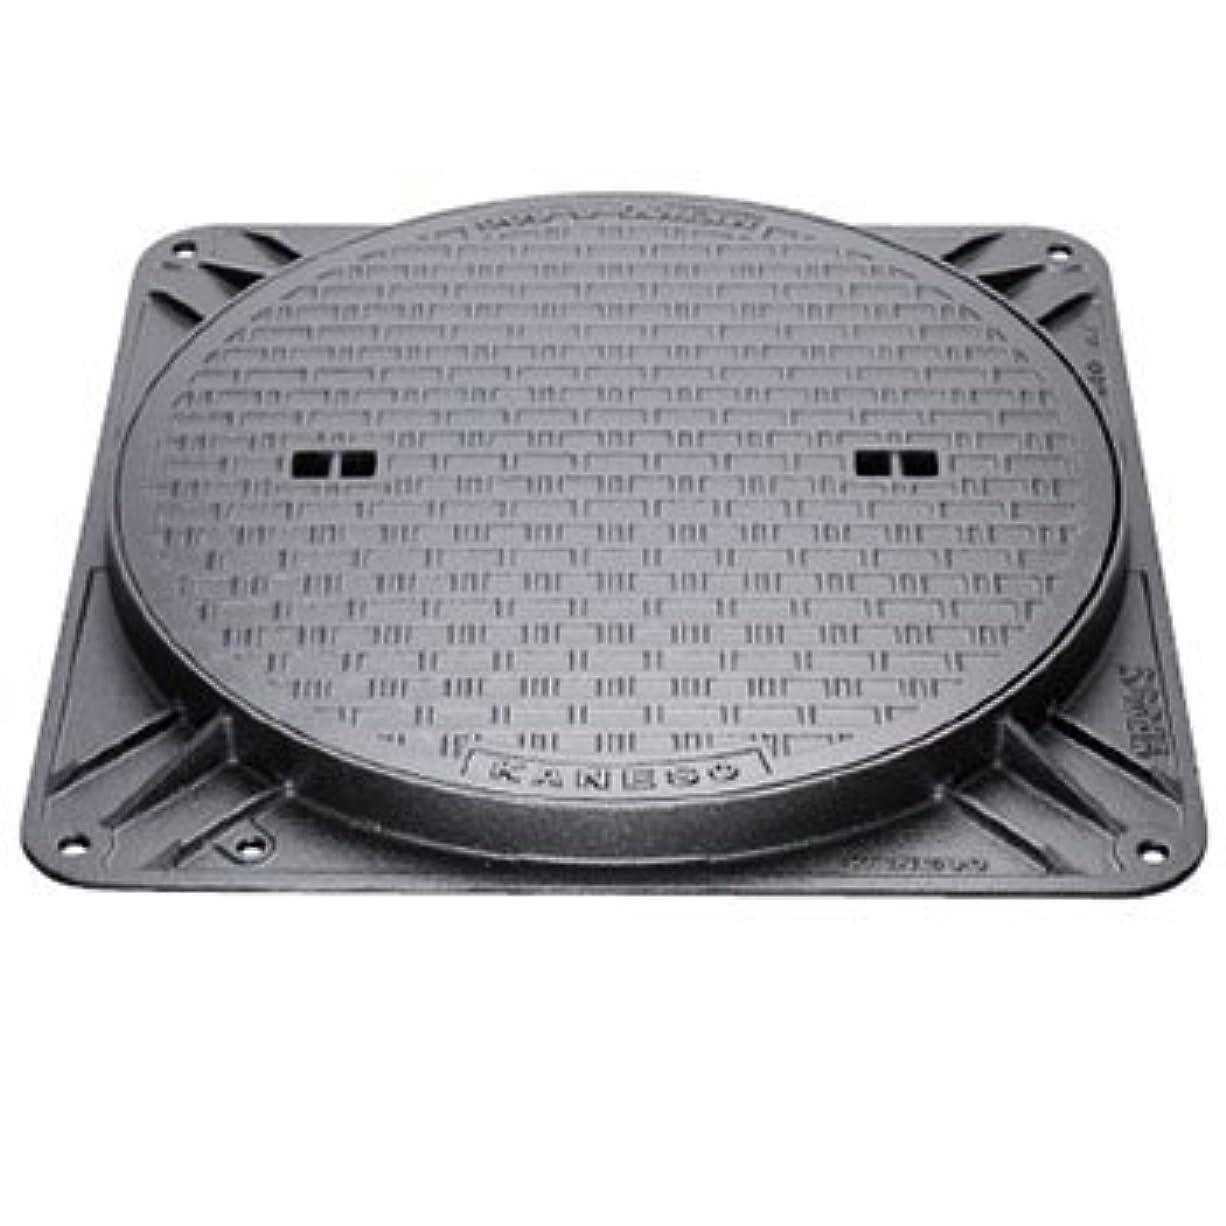 不機嫌そうなリッチテーブルを設定するカネソウ マンホール鉄蓋 水封型(角枠) 呼450 鎖付 メーカー直送 代引不可 MKH-2-450b